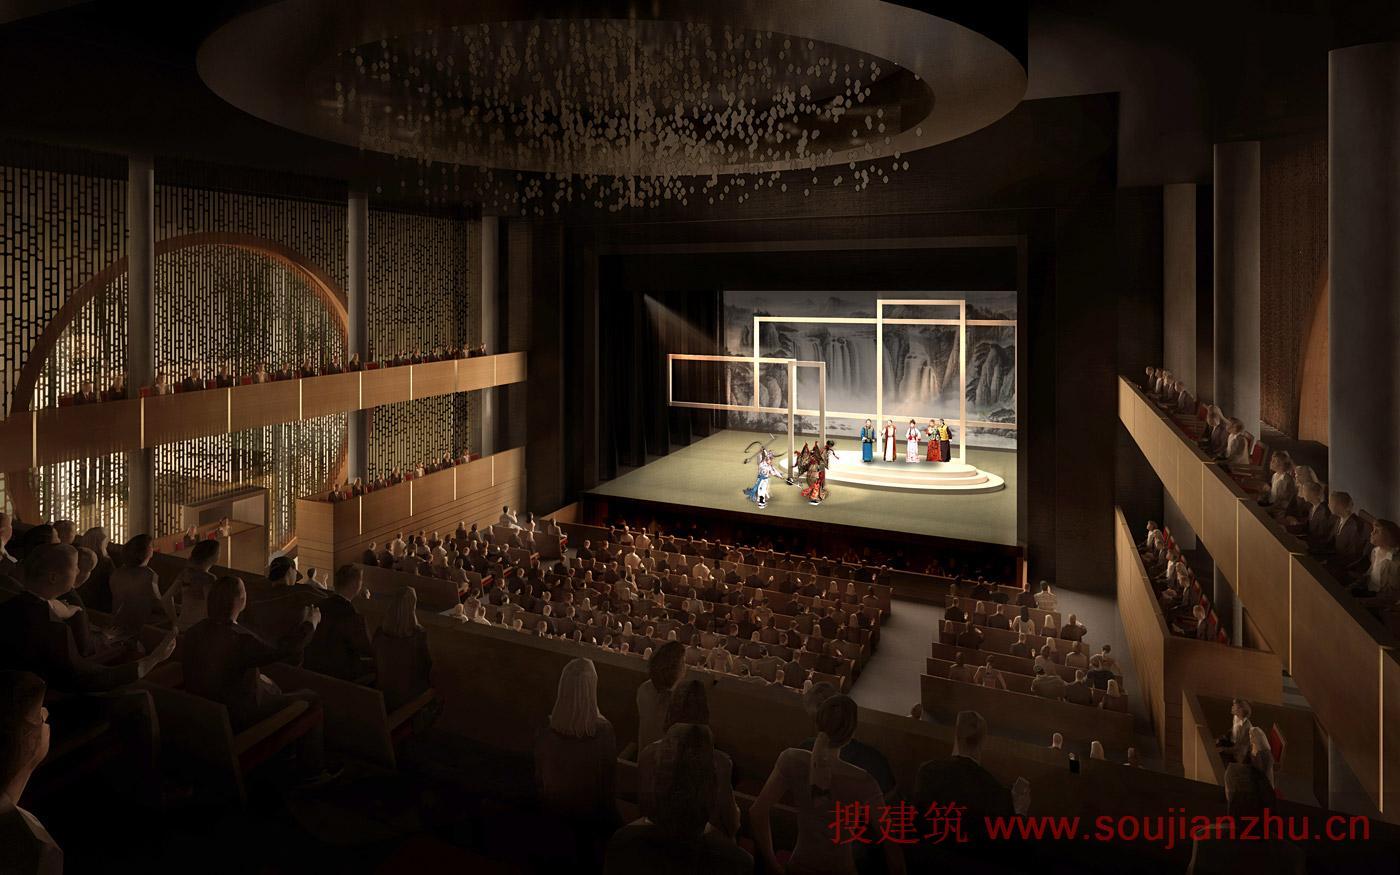 搜建筑网 香港 183 西九龙文化区戏曲中心 谭秉荣和吕元祥